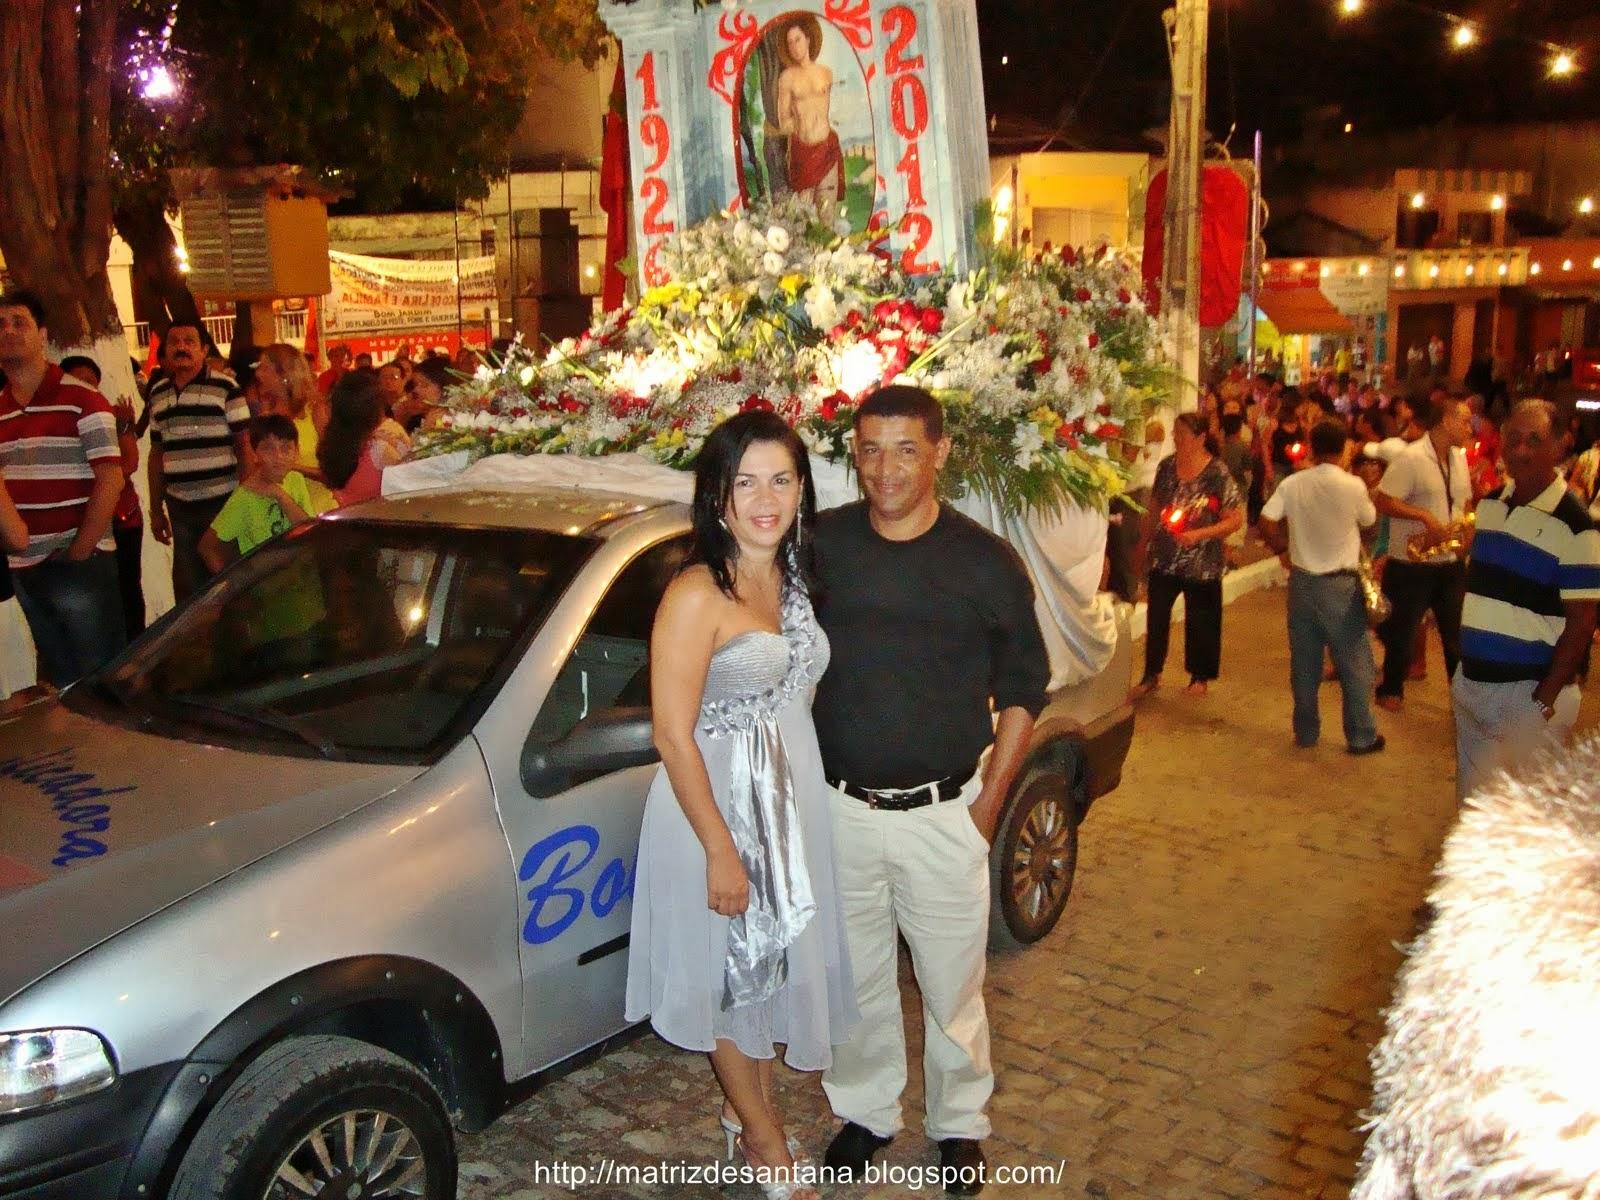 da Experiência Como juíza da Festa de São Sebastião do Ano de 2012